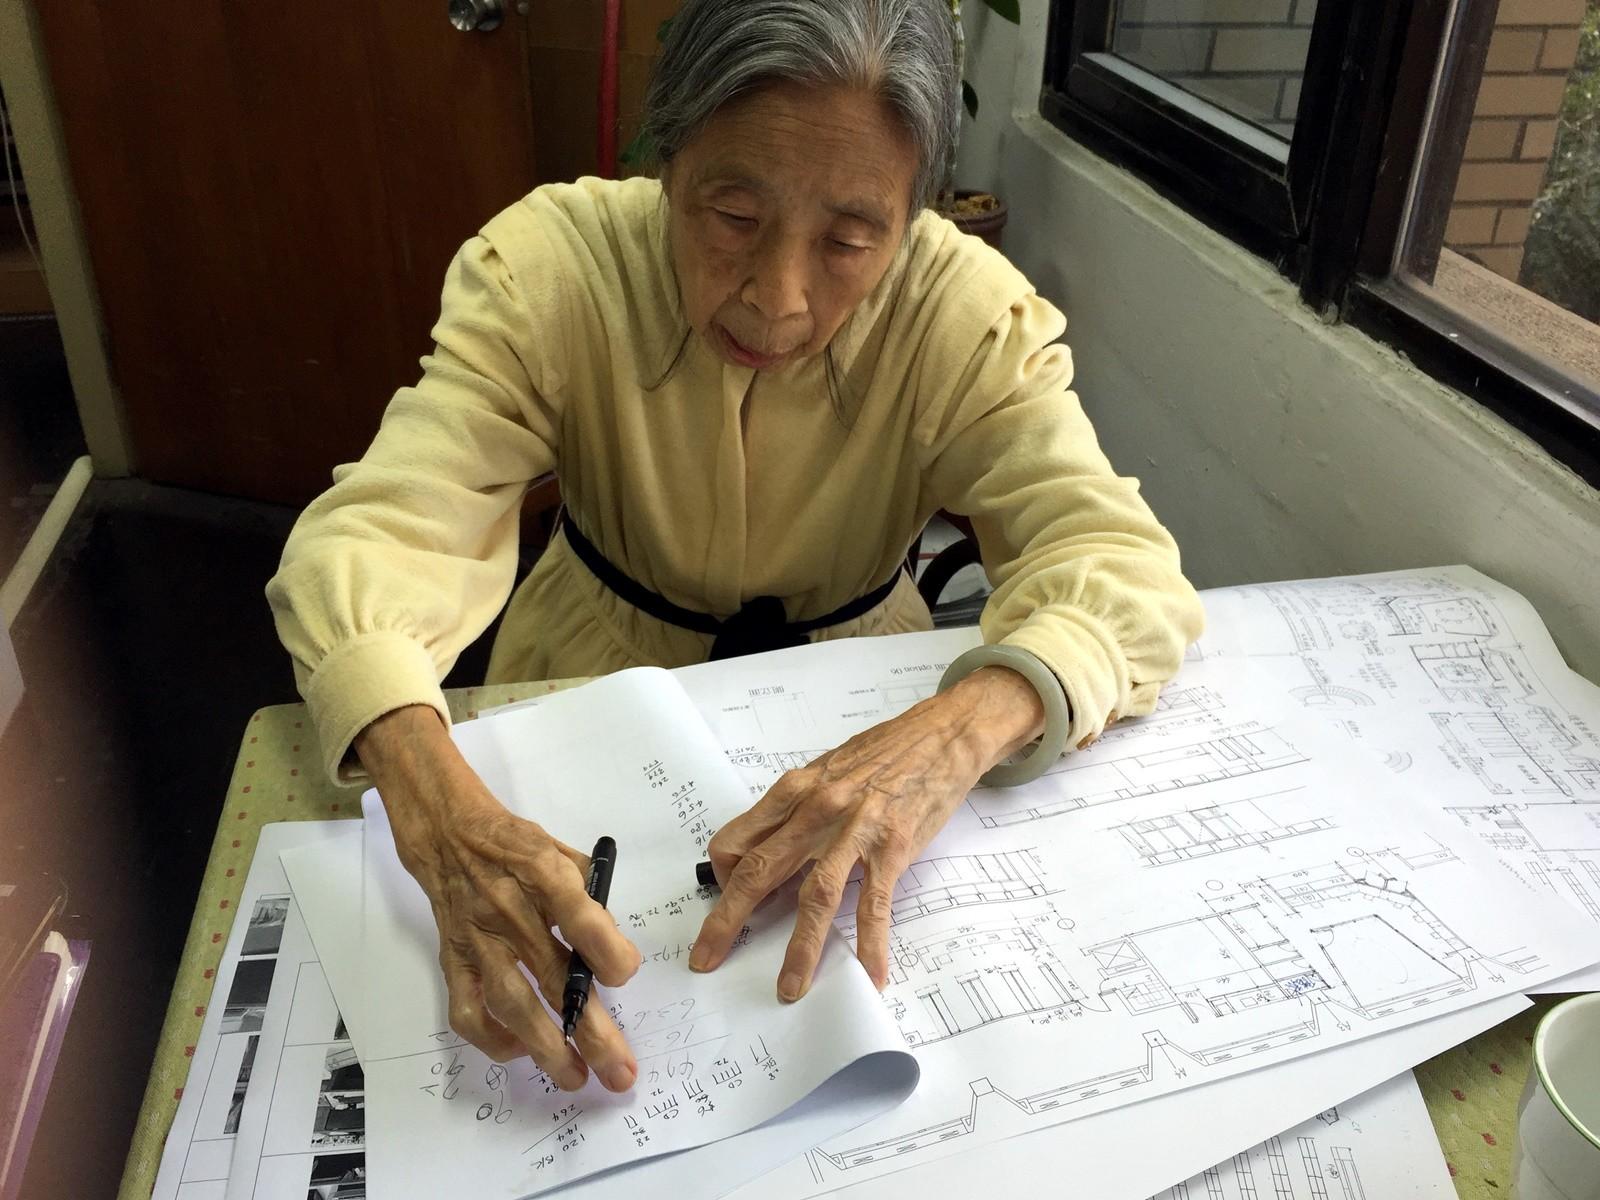 王秋華建築師畢生以建築成就全人教育,真正彰顯無私無我的「全人」奉獻精神。.jpg